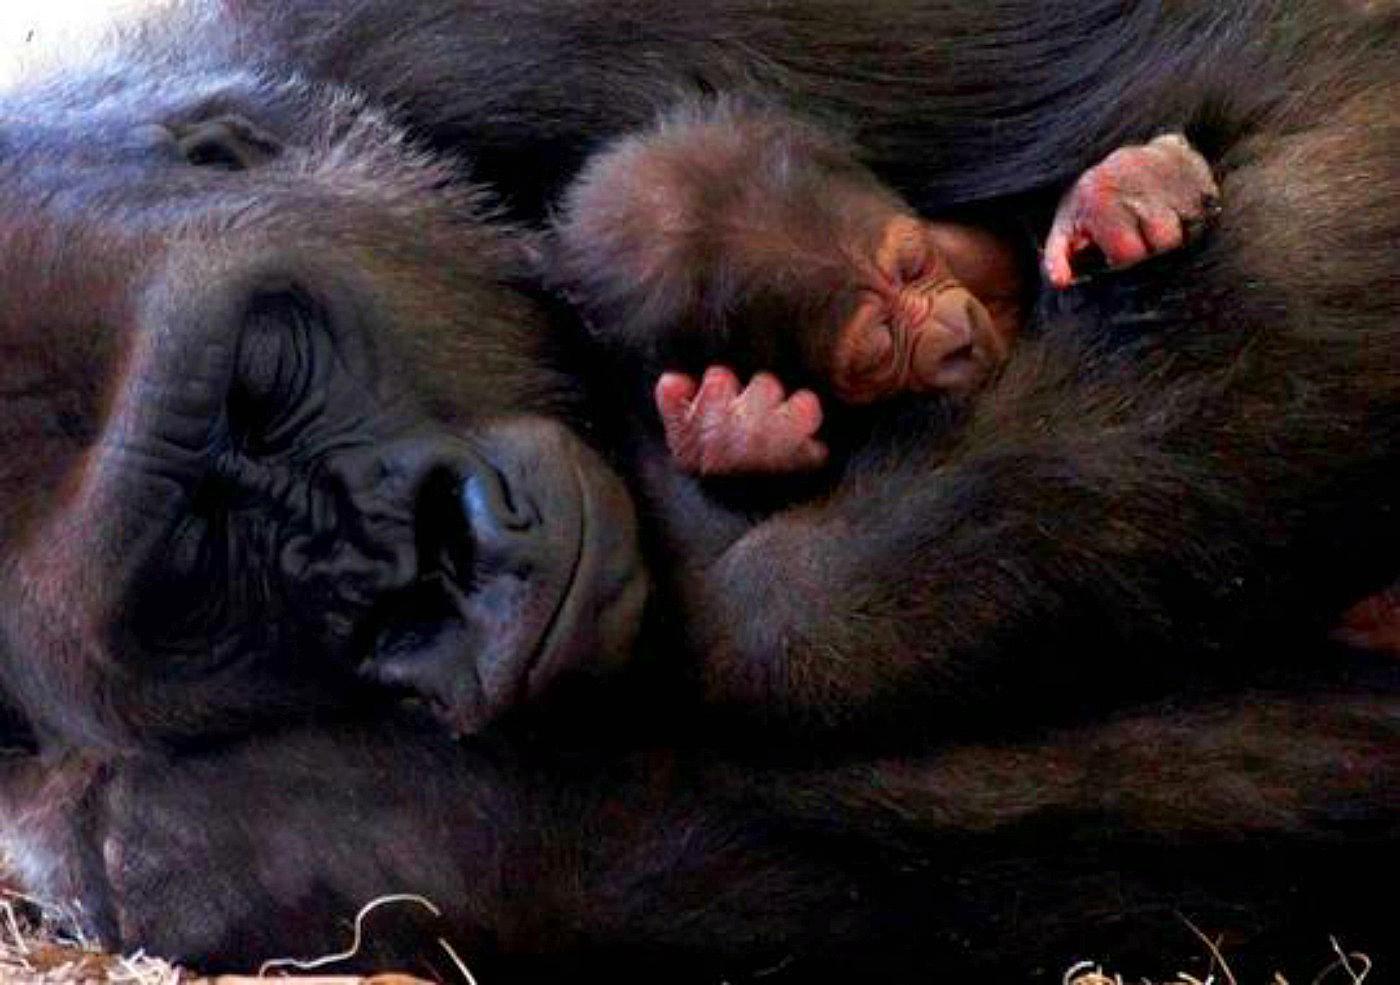 Baby Gorilla Arlene